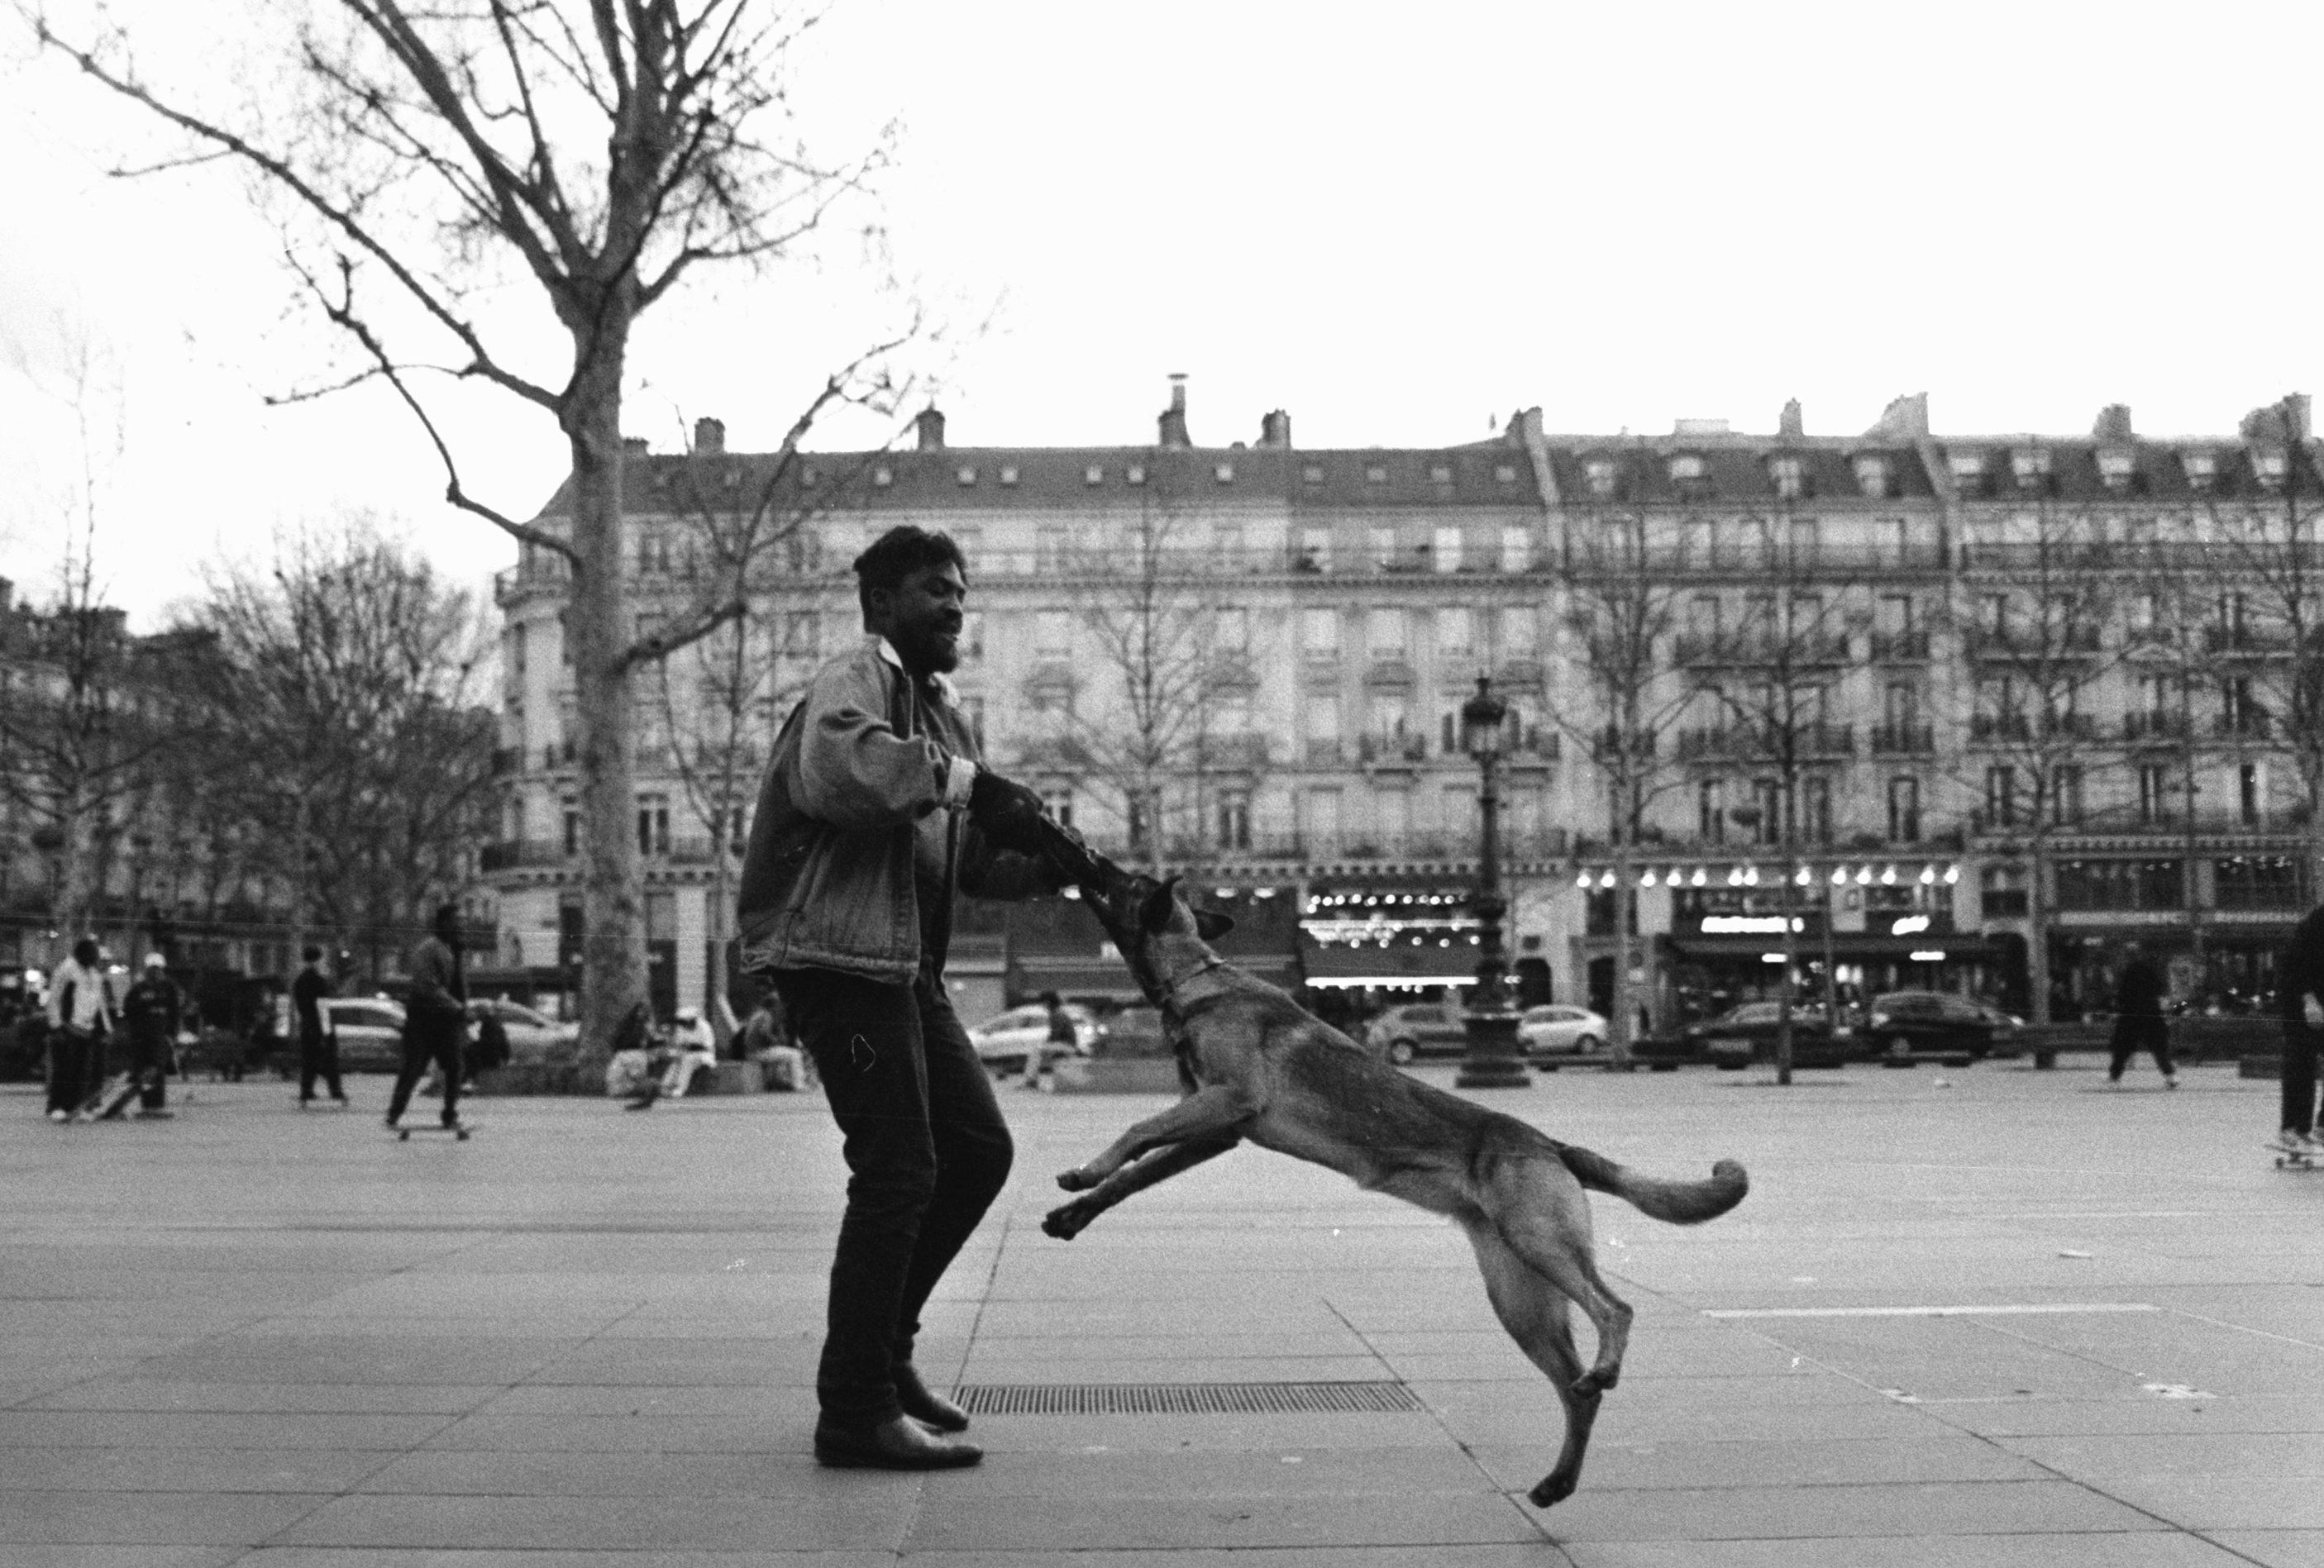 HP5+ 400 @800. Place de la République, Paris, 2020. Nikon FM2.